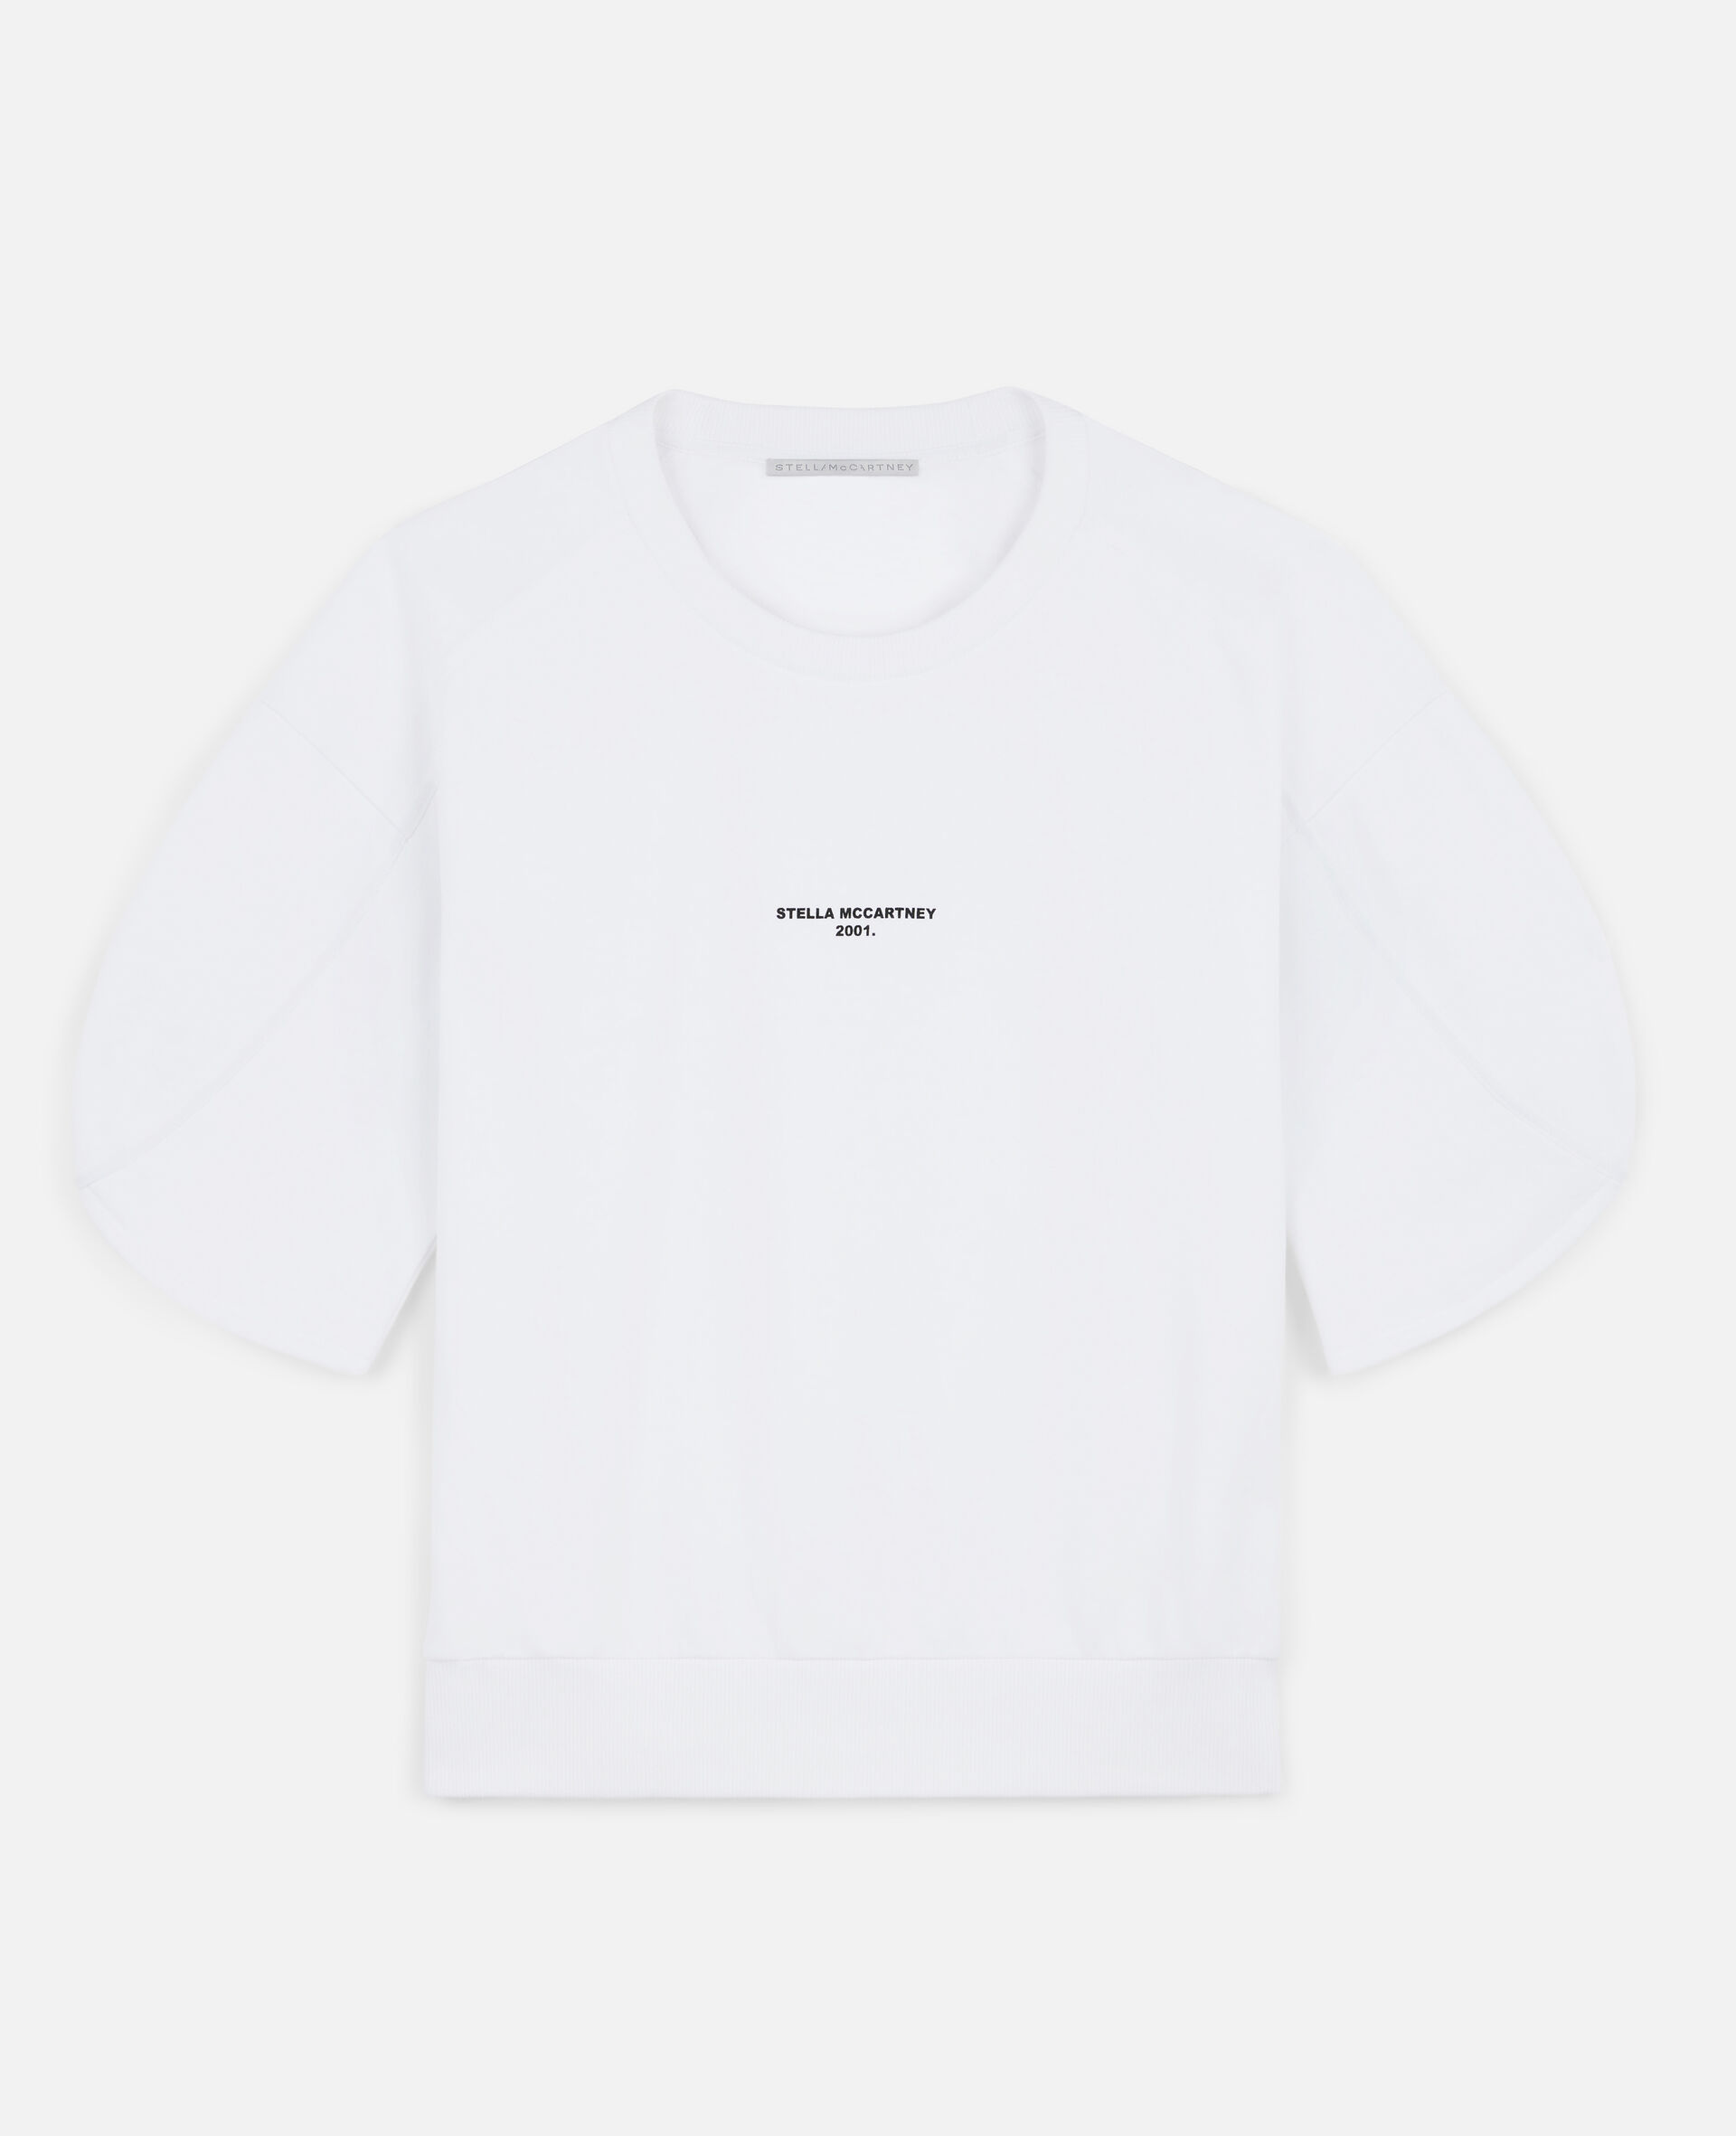 'Stella McCartney 2001.' Sweatshirt-White-large image number 0